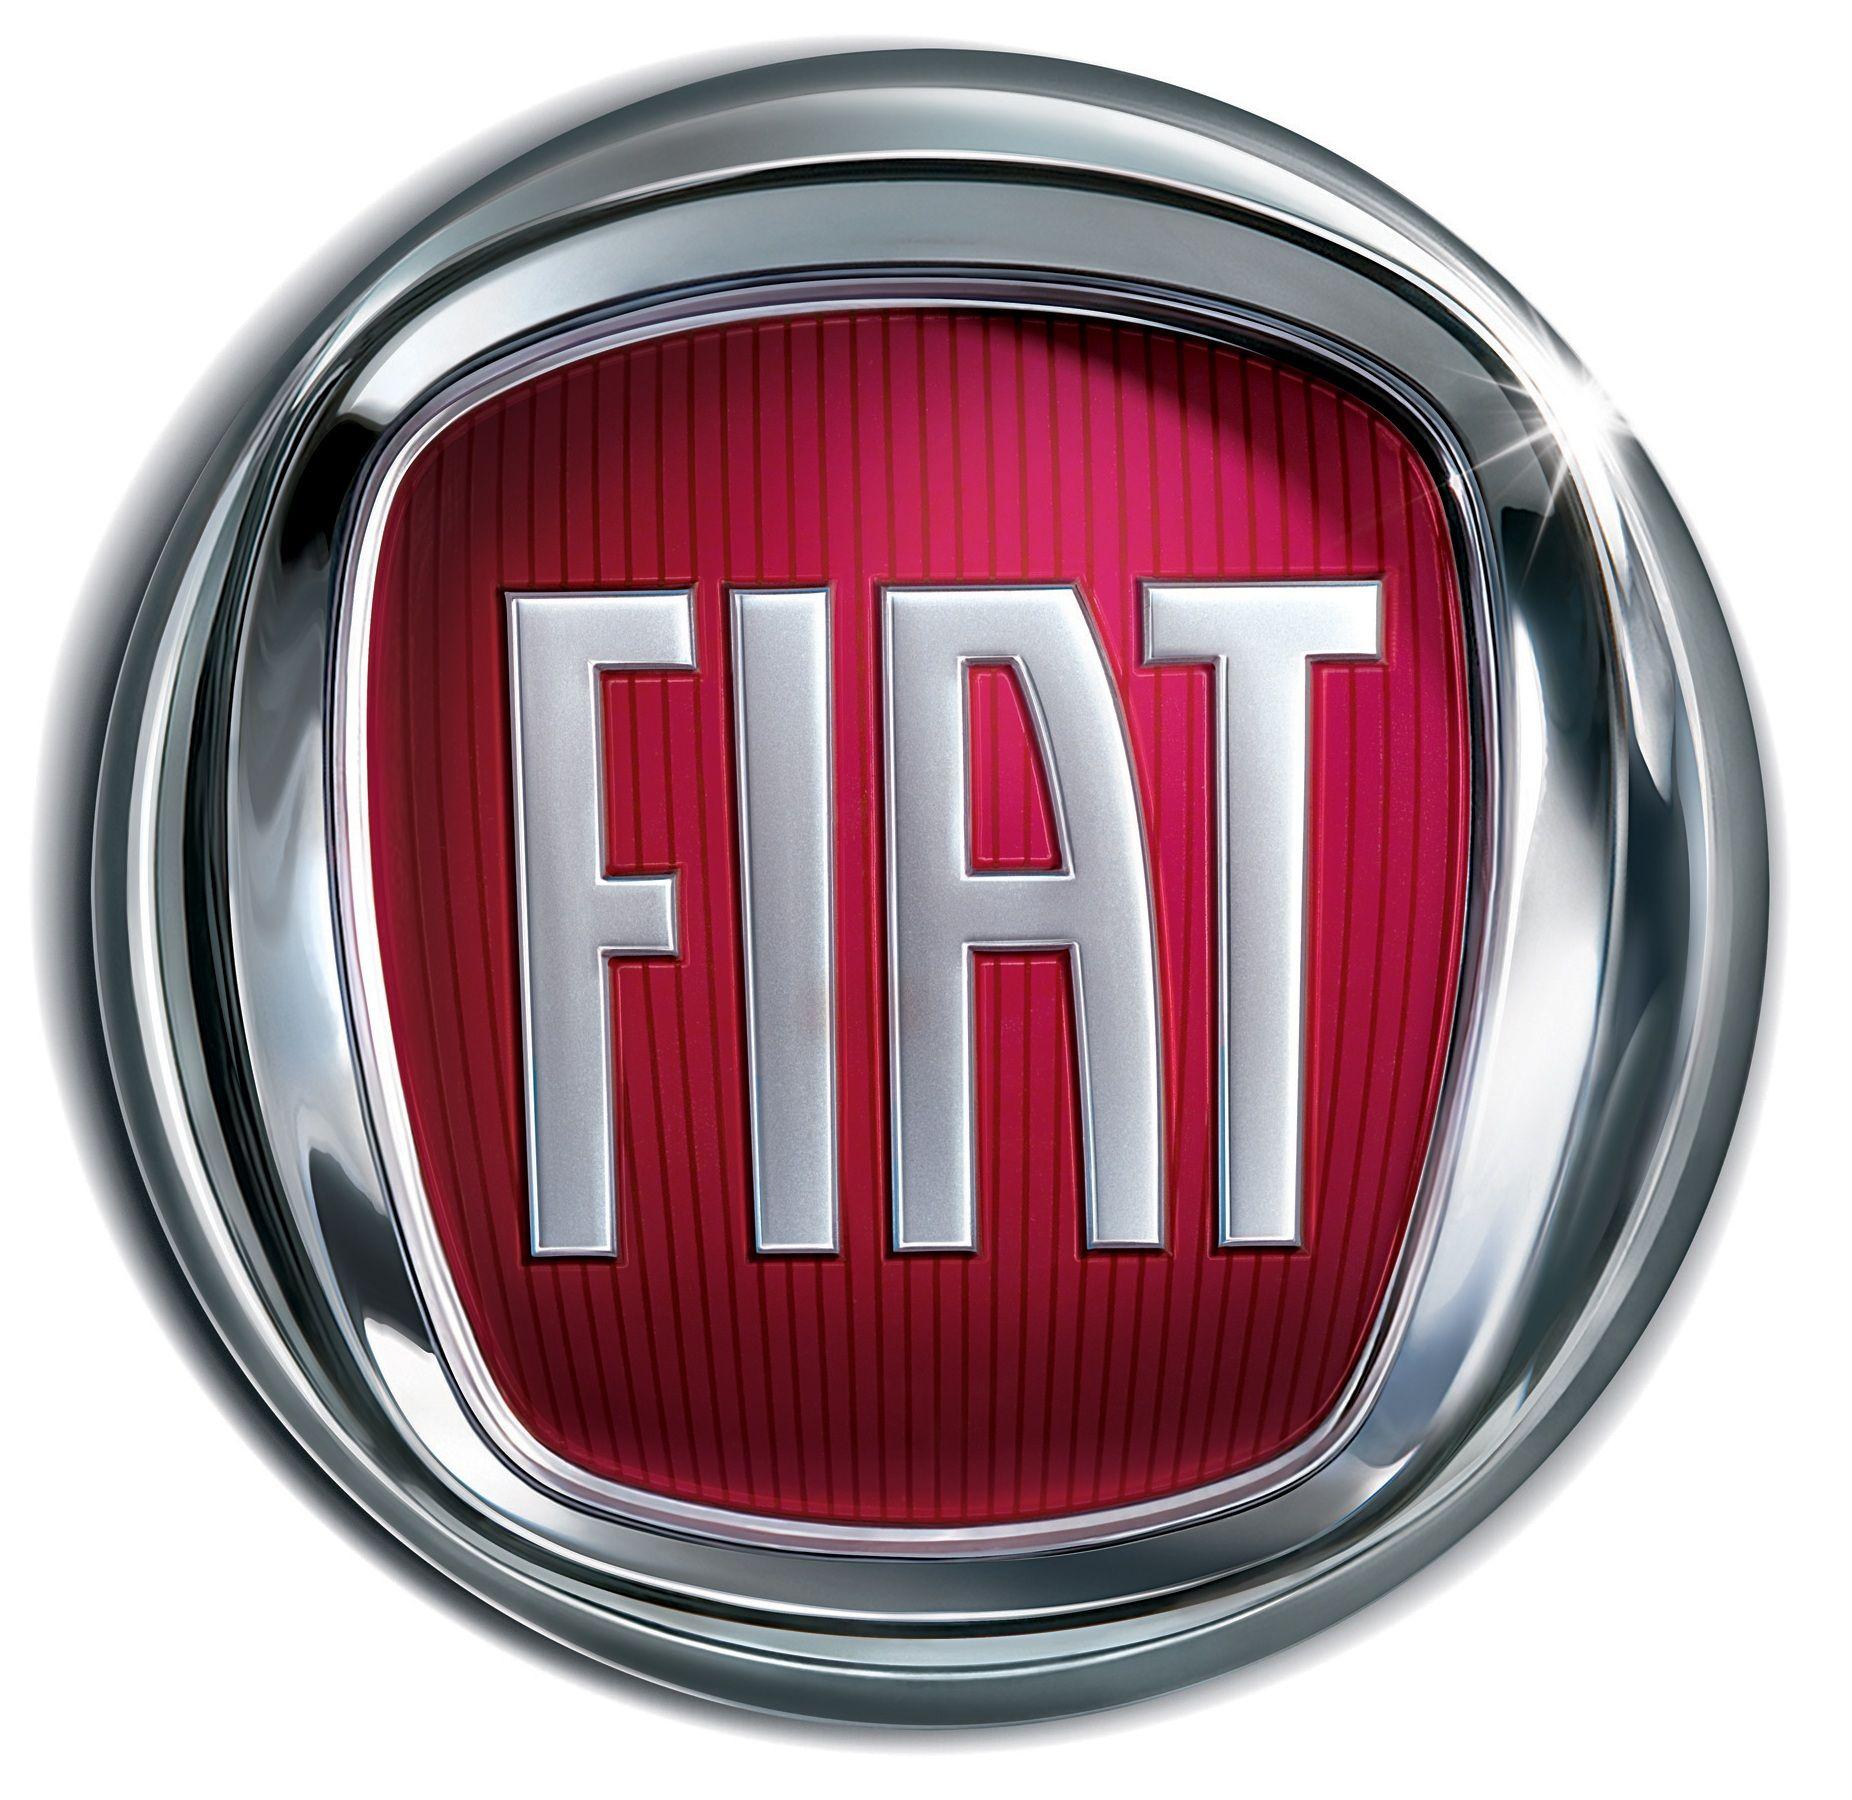 Car Logos, Fiat 500 E Fiat